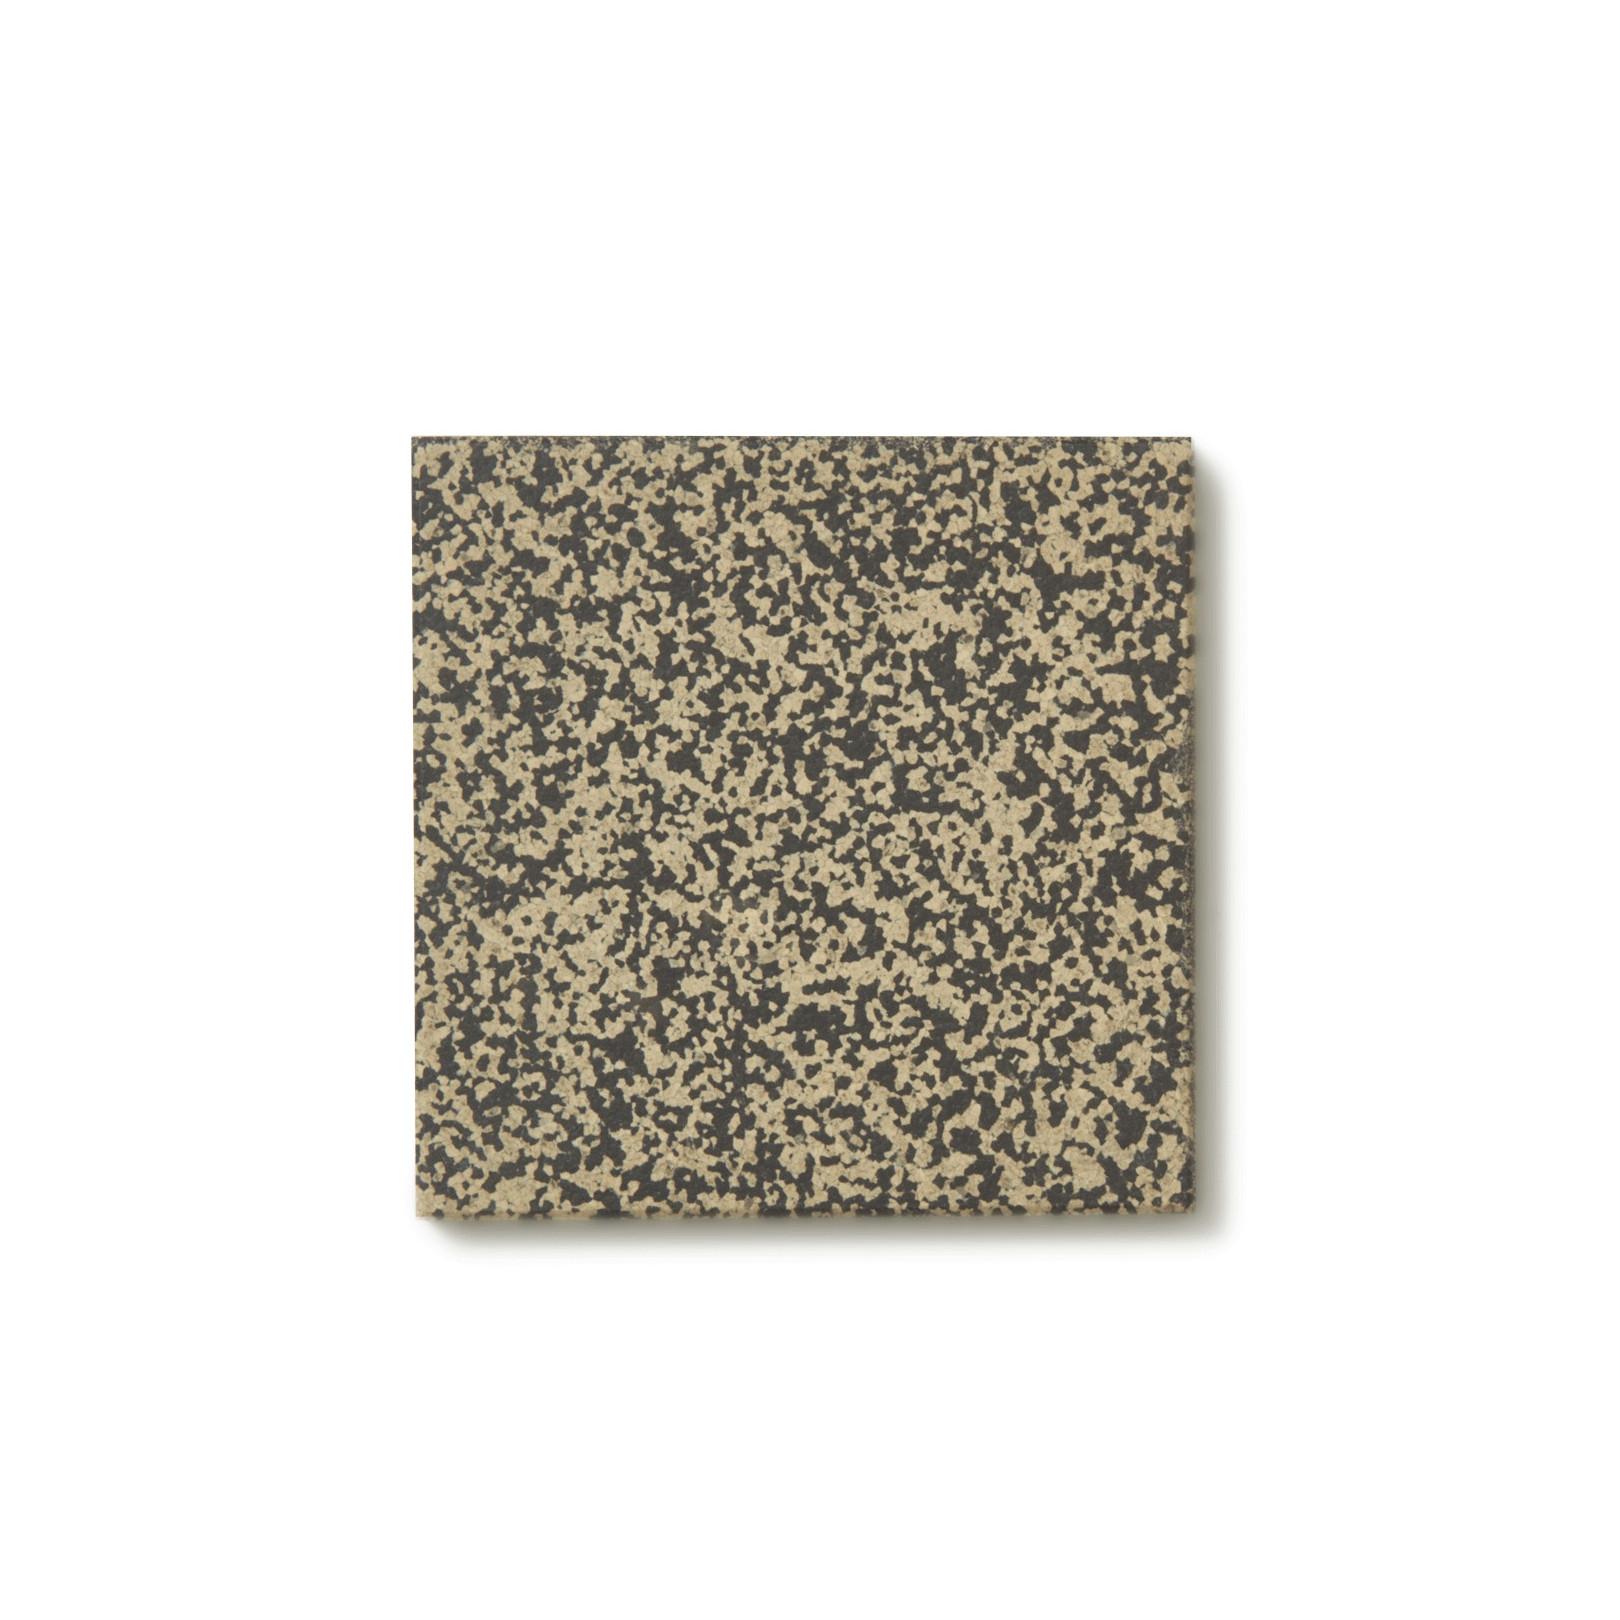 Carrelage grès cérame Winckelmans porphyrés 10x10cm